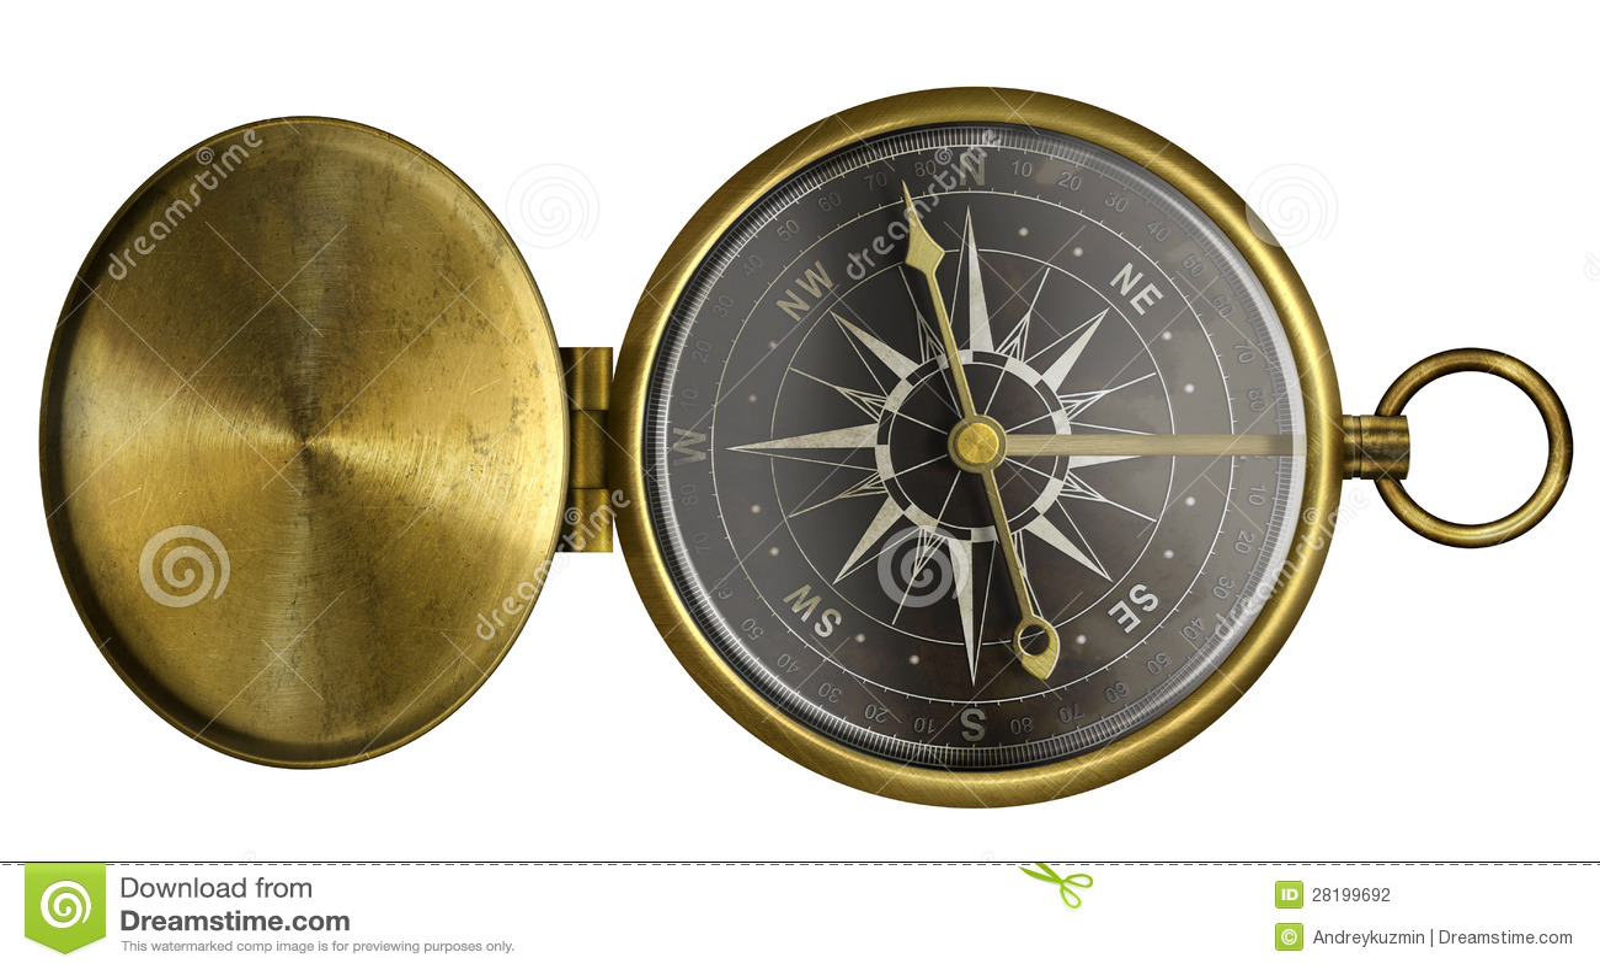 Mosiężny antyk kieszeni kompas z deklem i czerni skala odizolowywająca